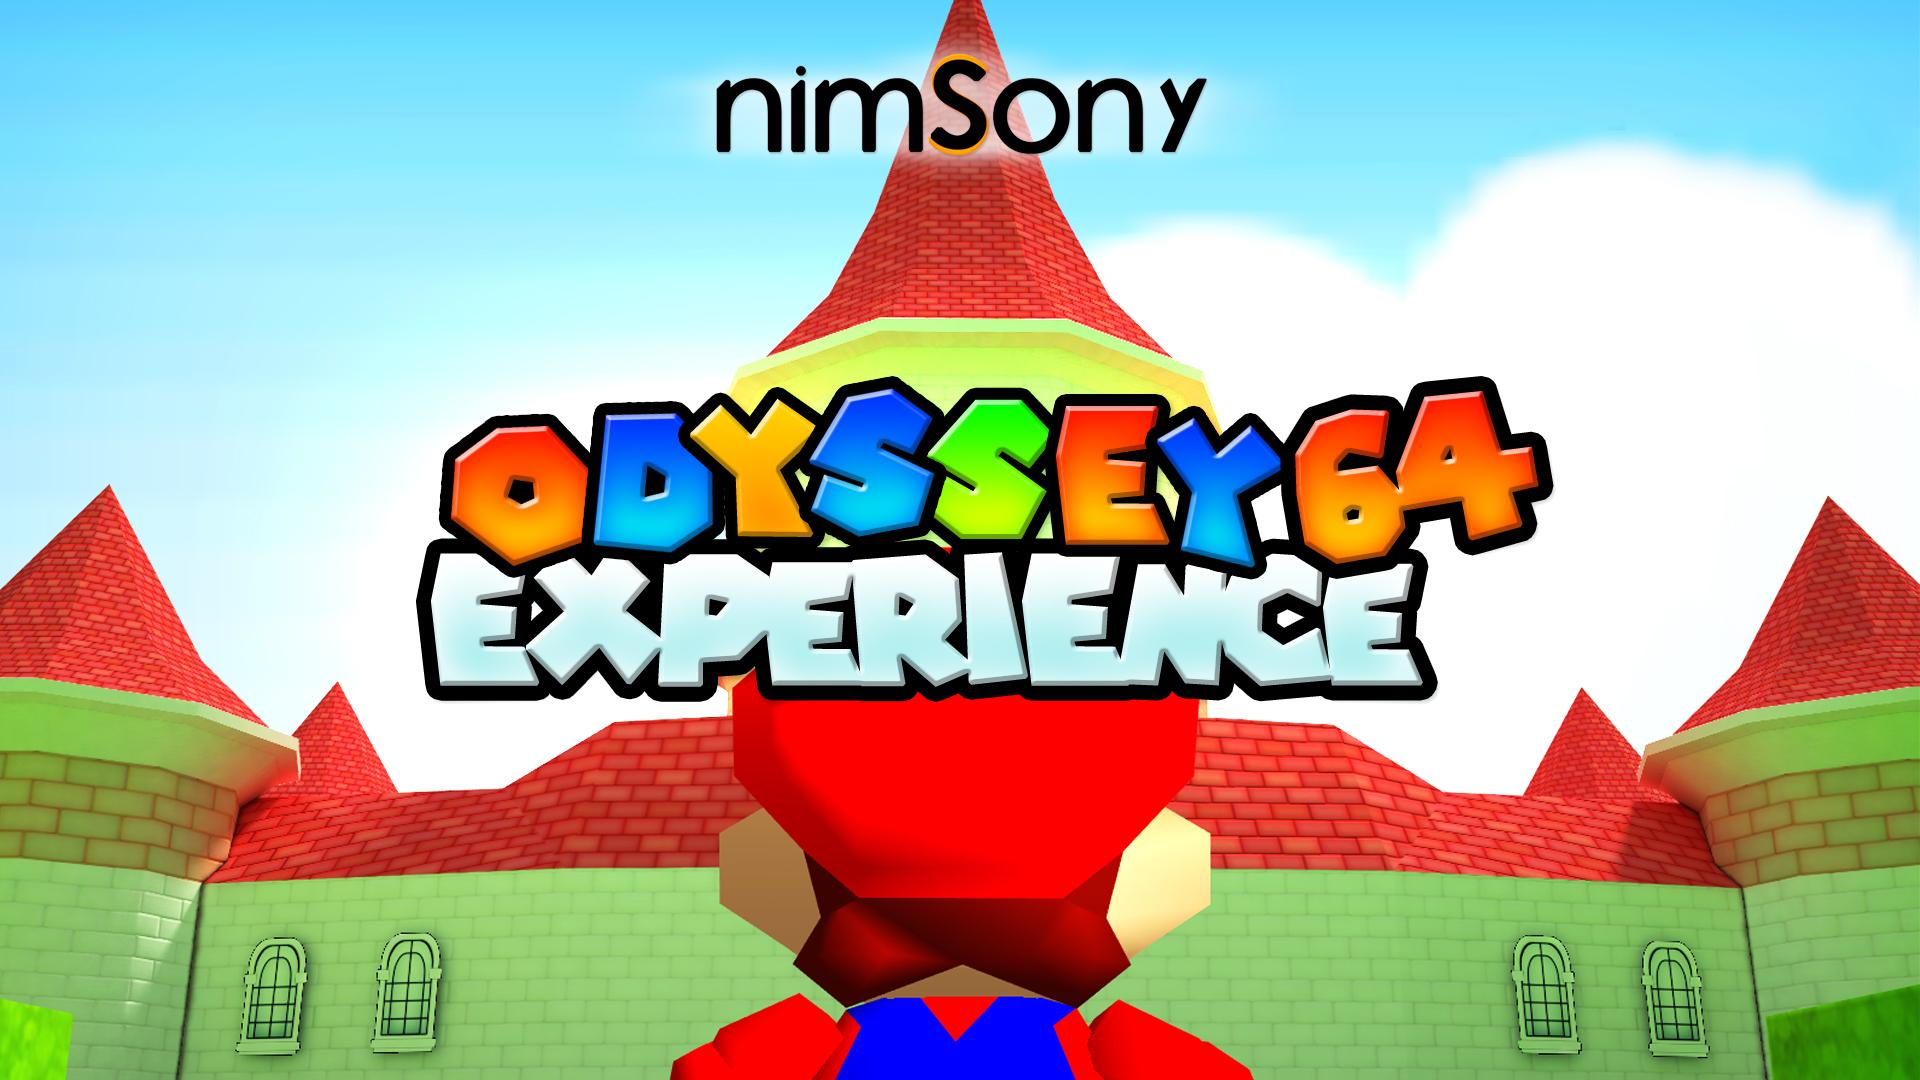 Odyssey Experience 64 - A Super Mario 64 Mod by Nimso Ny